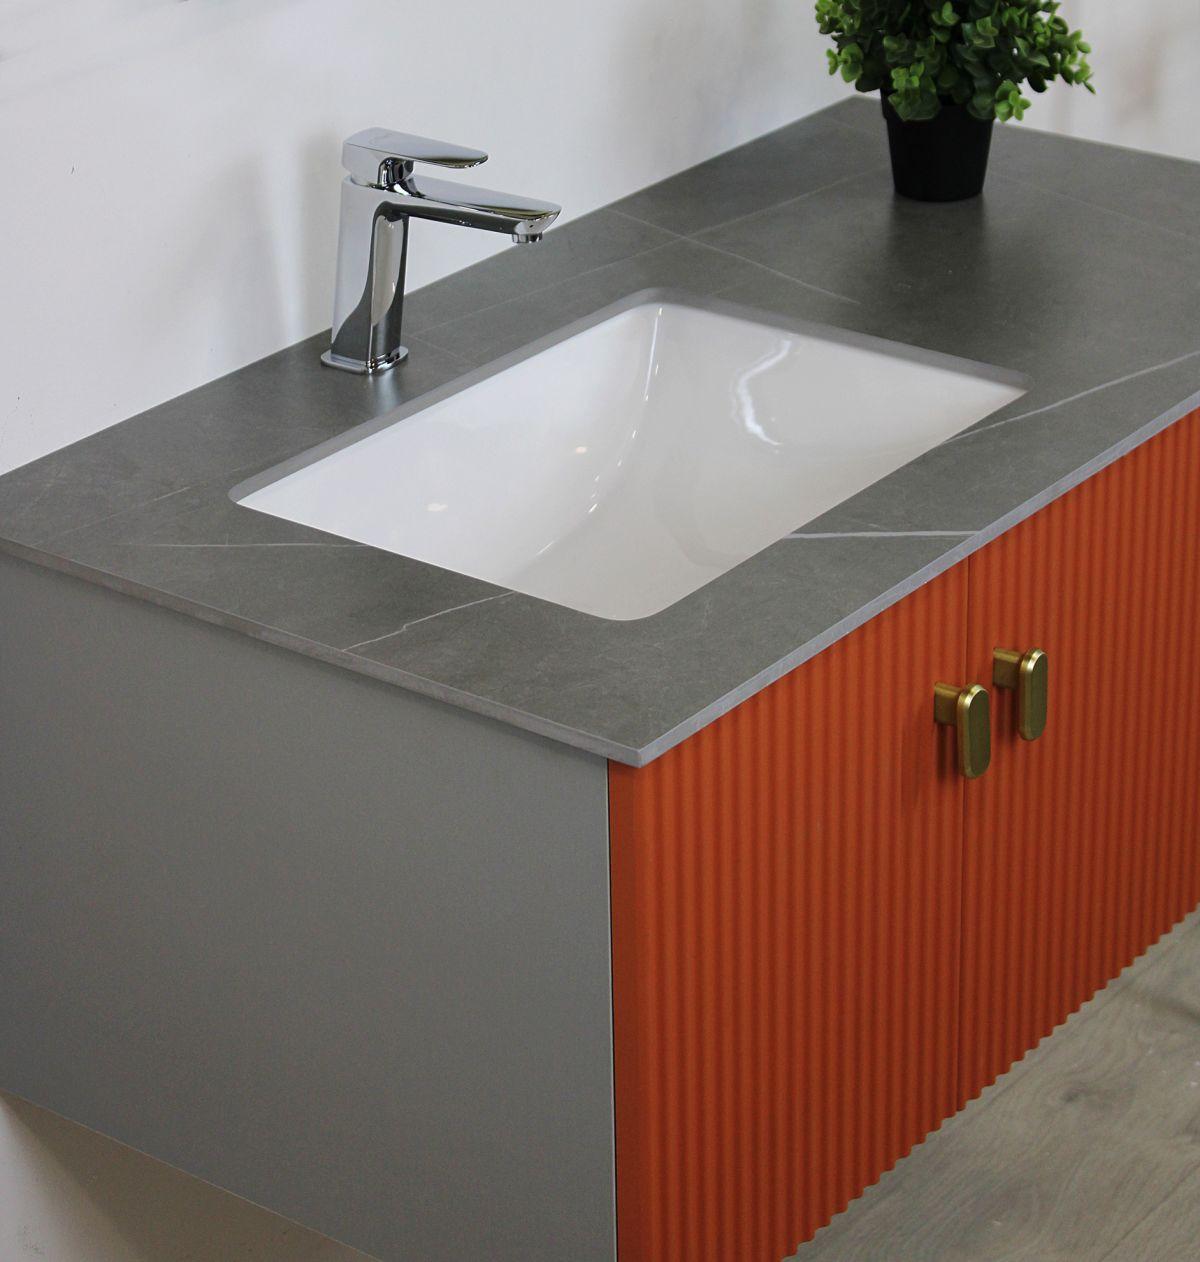 Mobile bagno istanbul particolare 1 Mobile bagno Istanbul sospeso da 100 cm color mattone con lavabo specchio e mensola